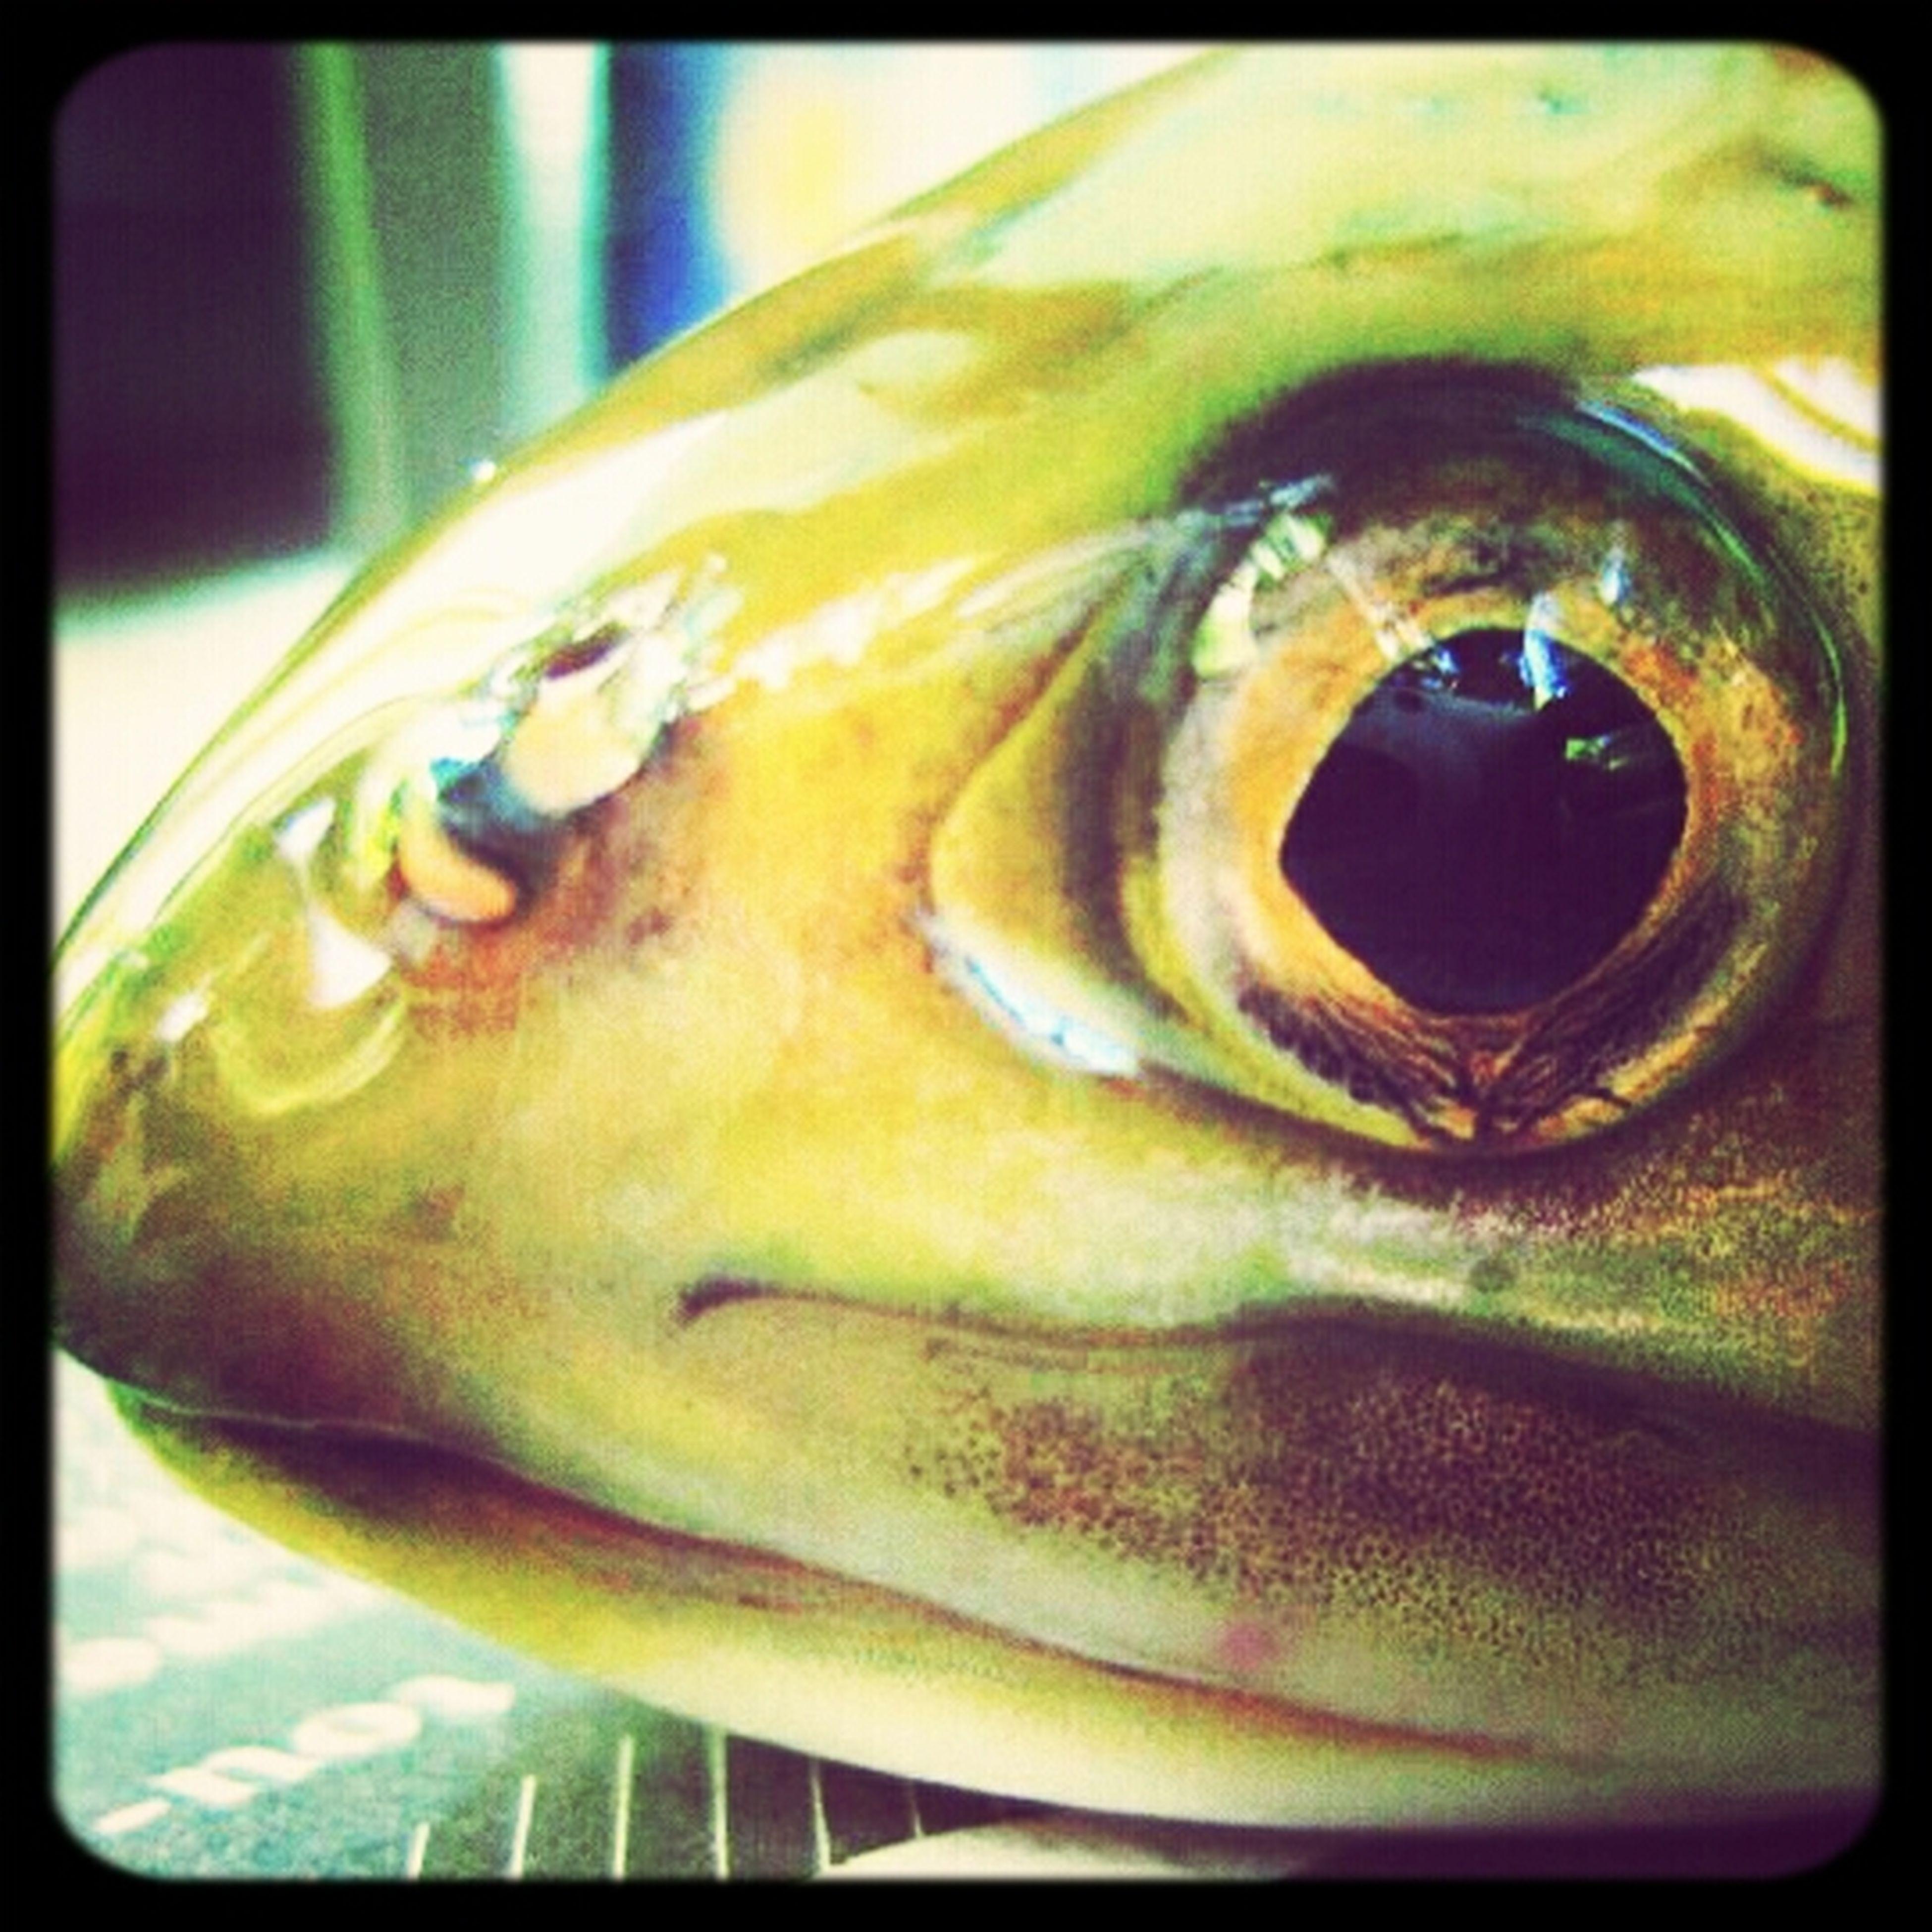 Fish Fisheye Ugly Fresh And Clean